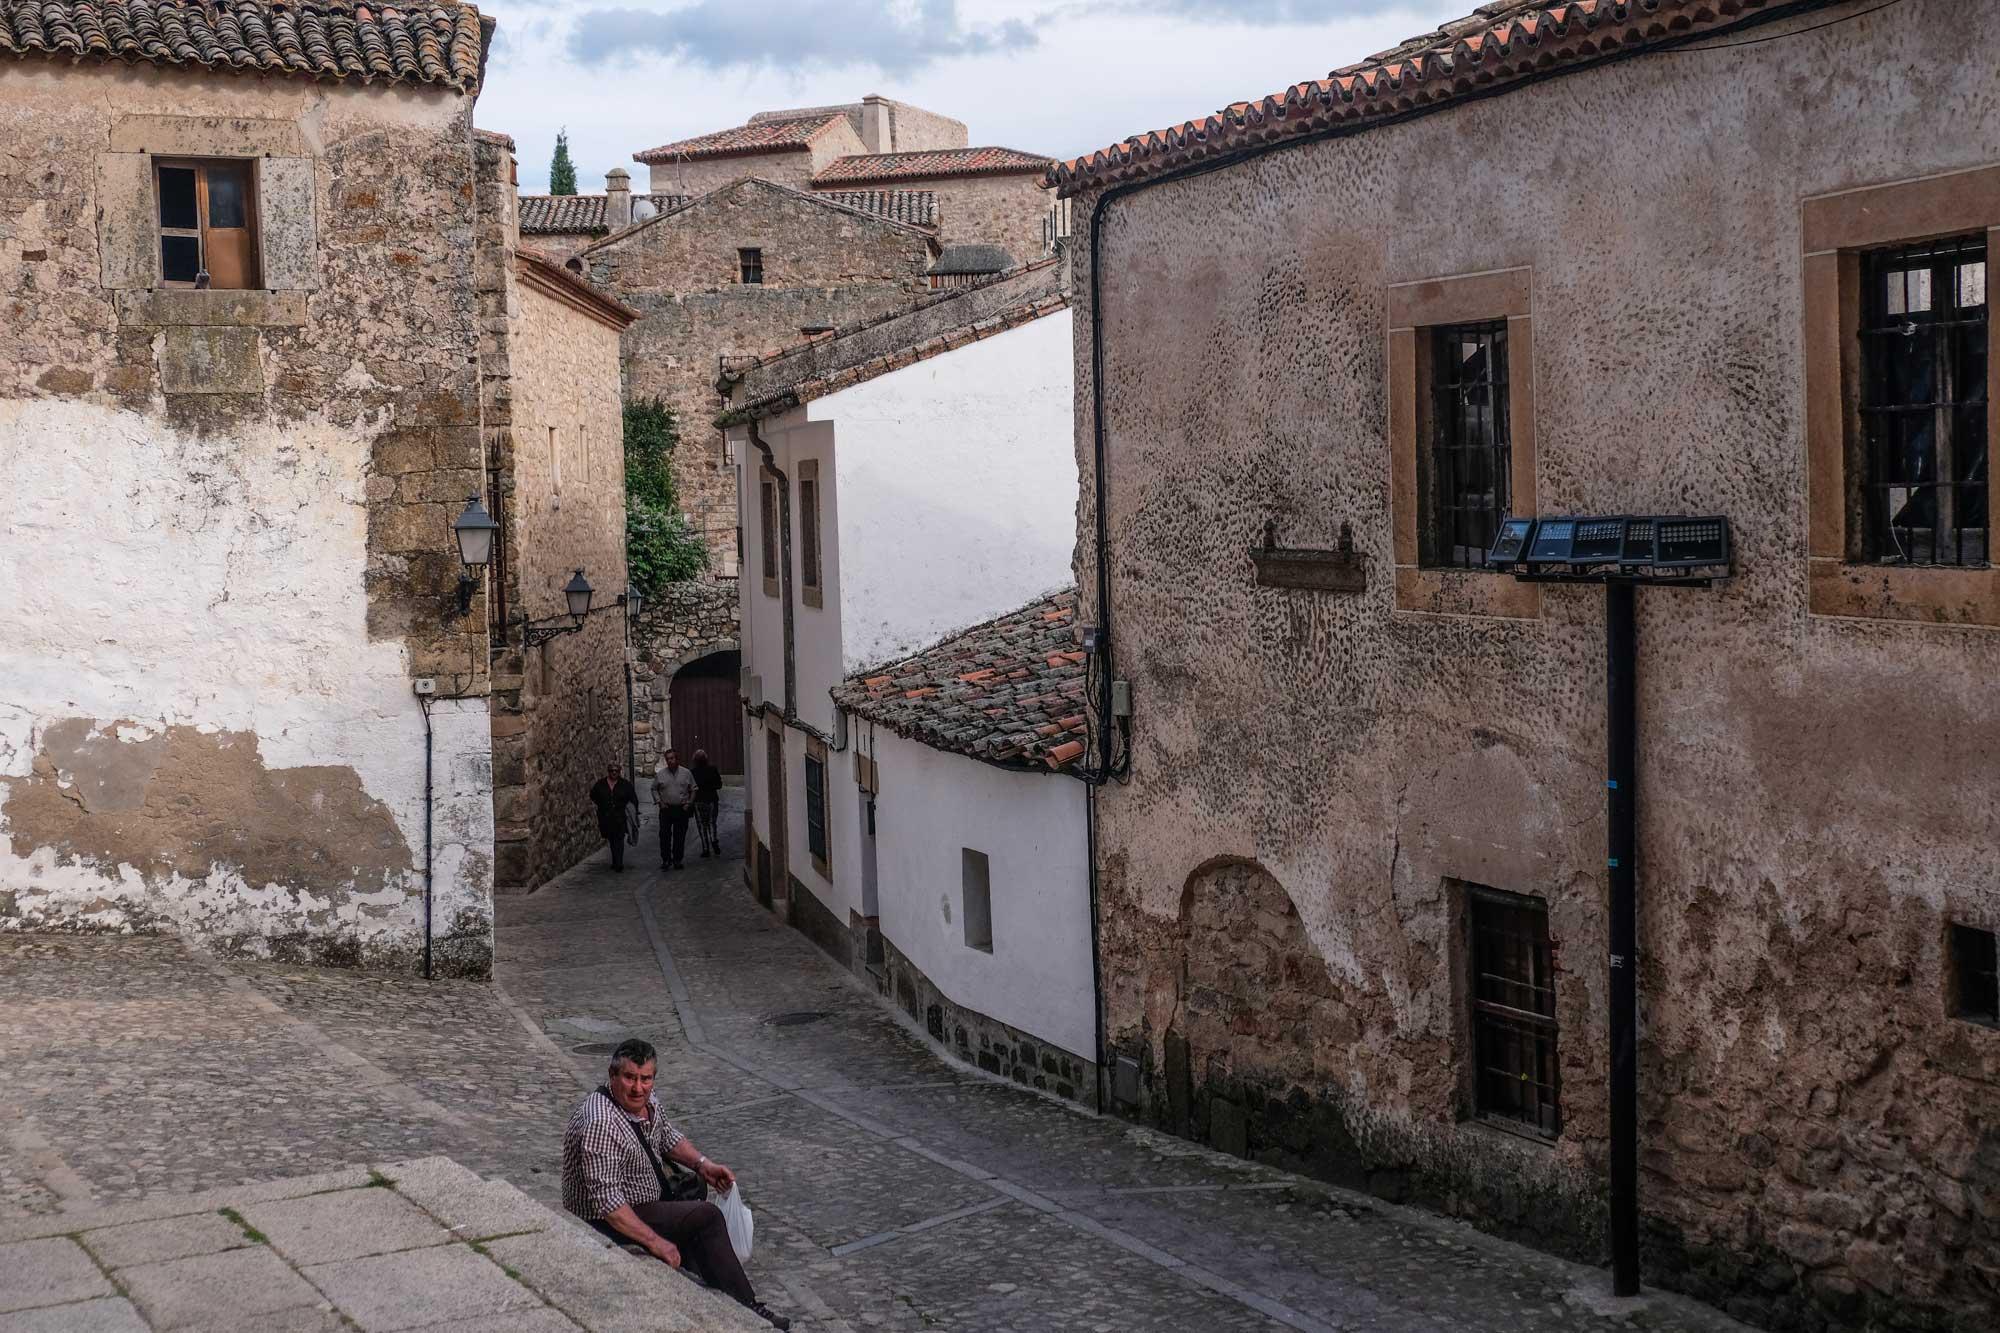 Calle empedrada de la zona amurallada de Trujillo con señor sentado.